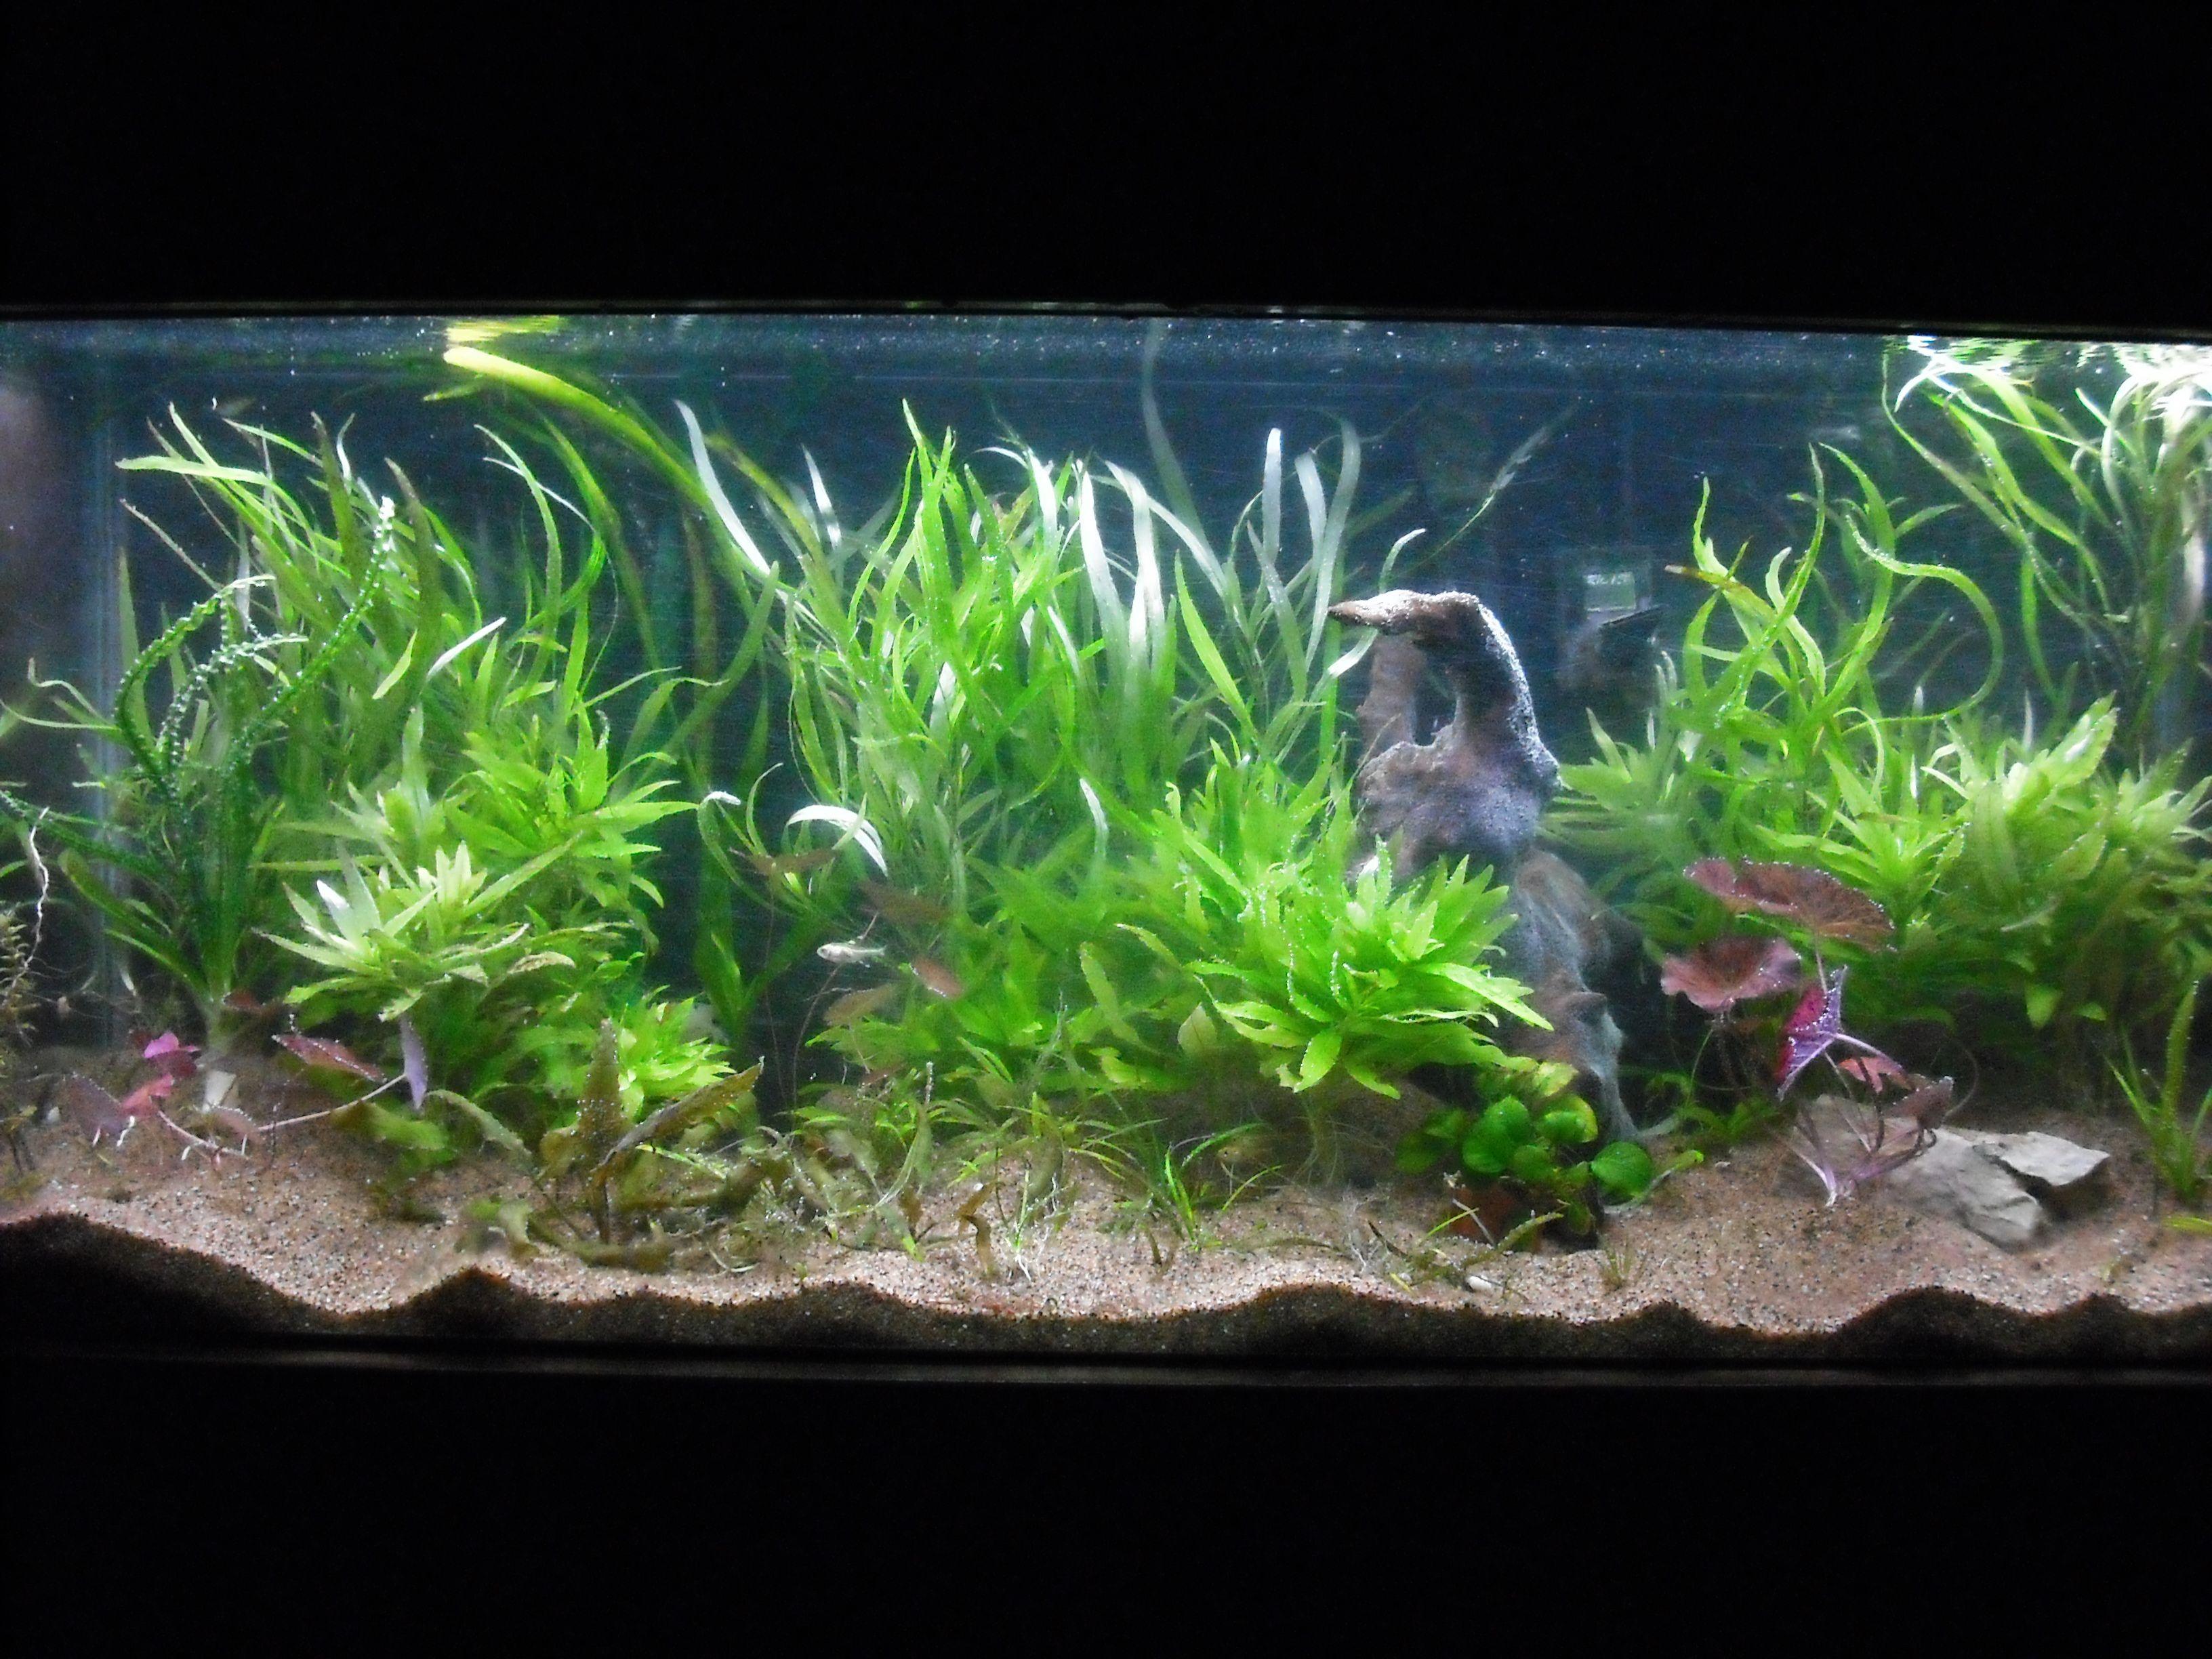 Fish for aquarium in kolkata - Planted Tank 30 Gallons